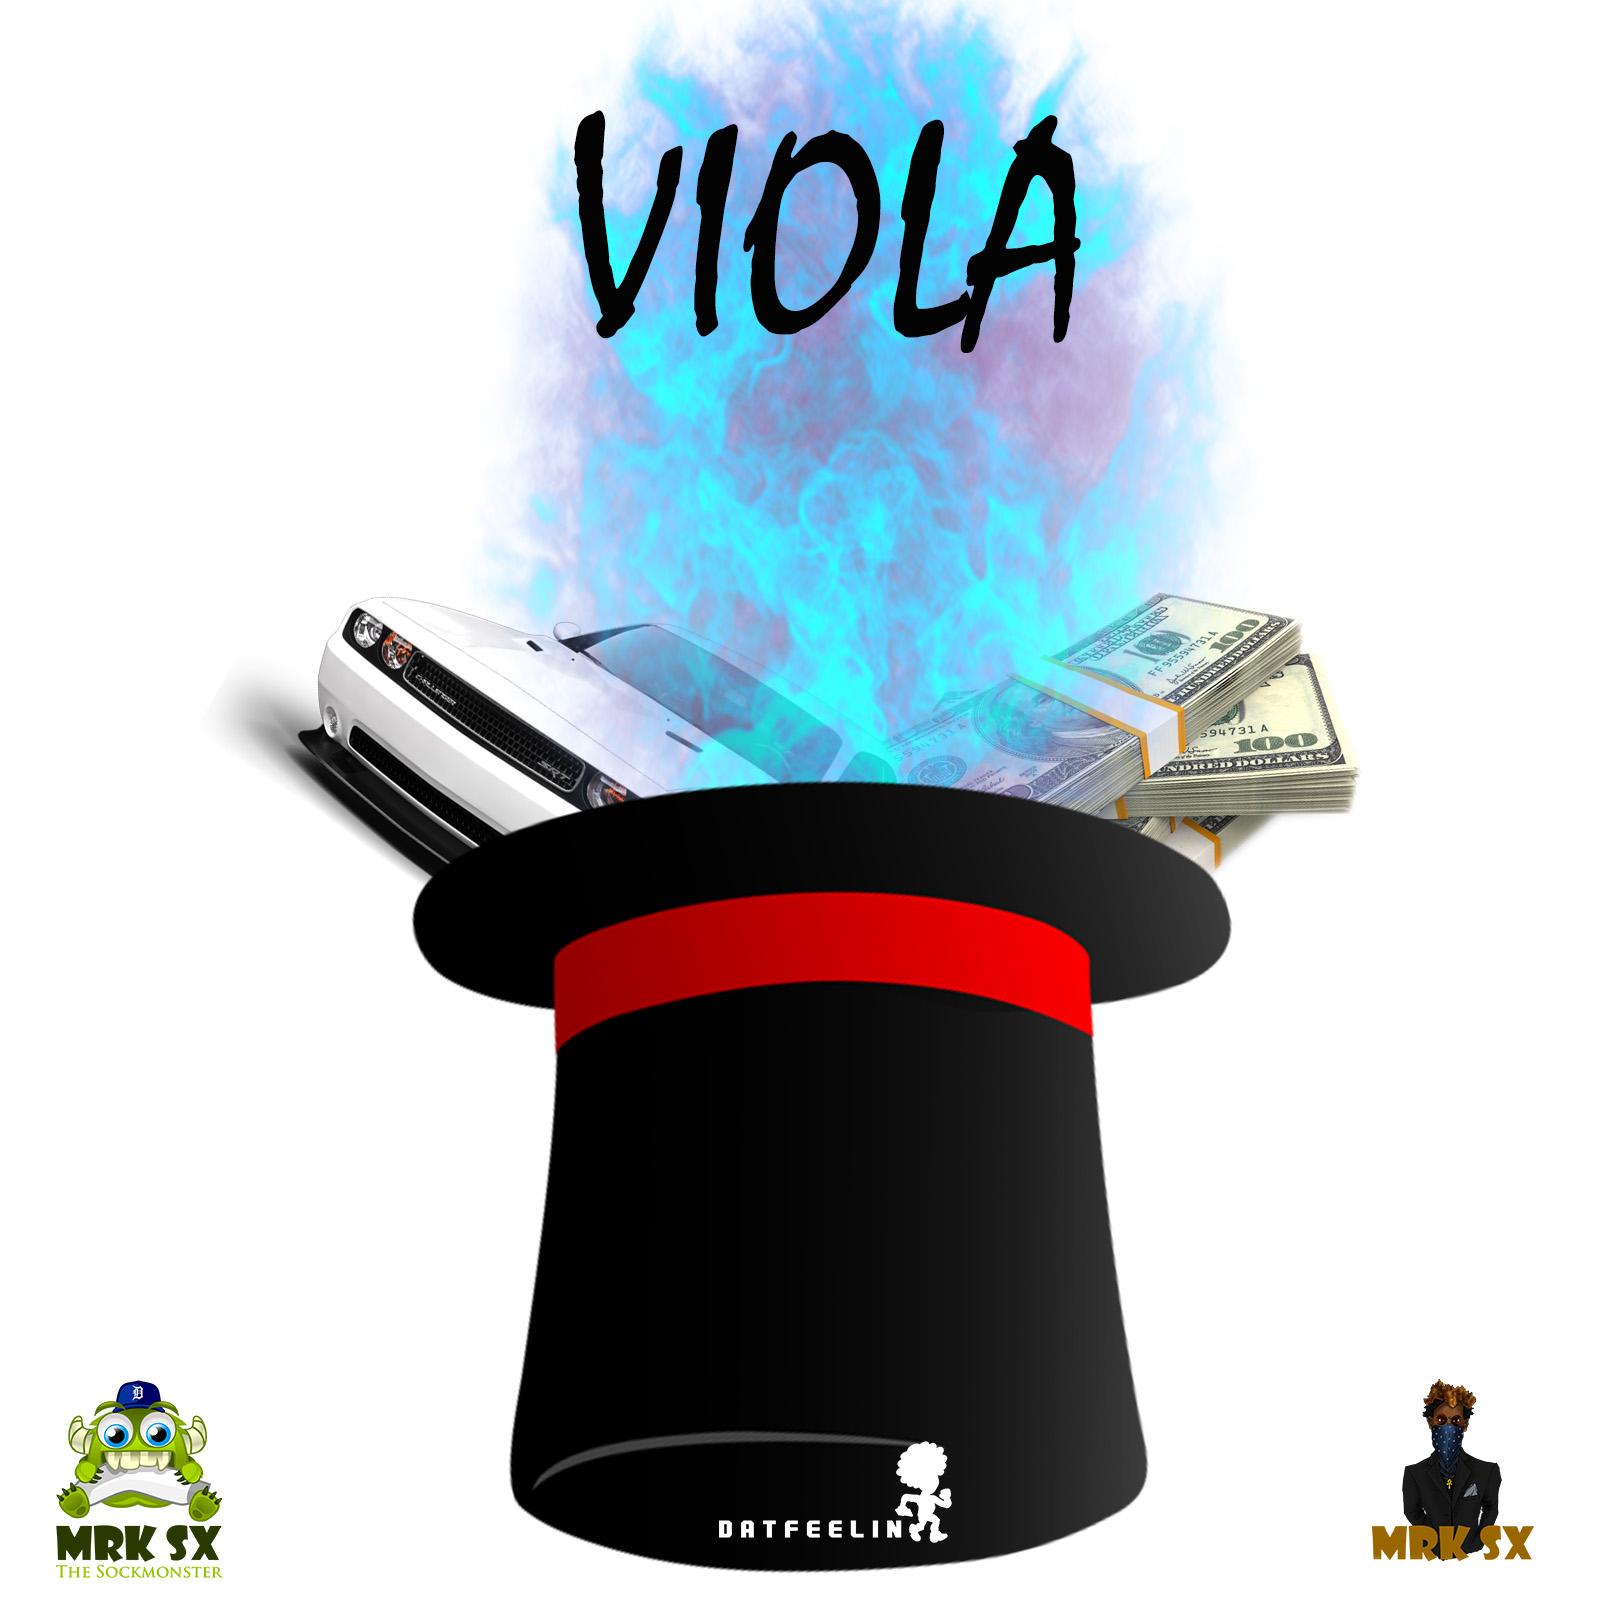 Viola-Edit 4